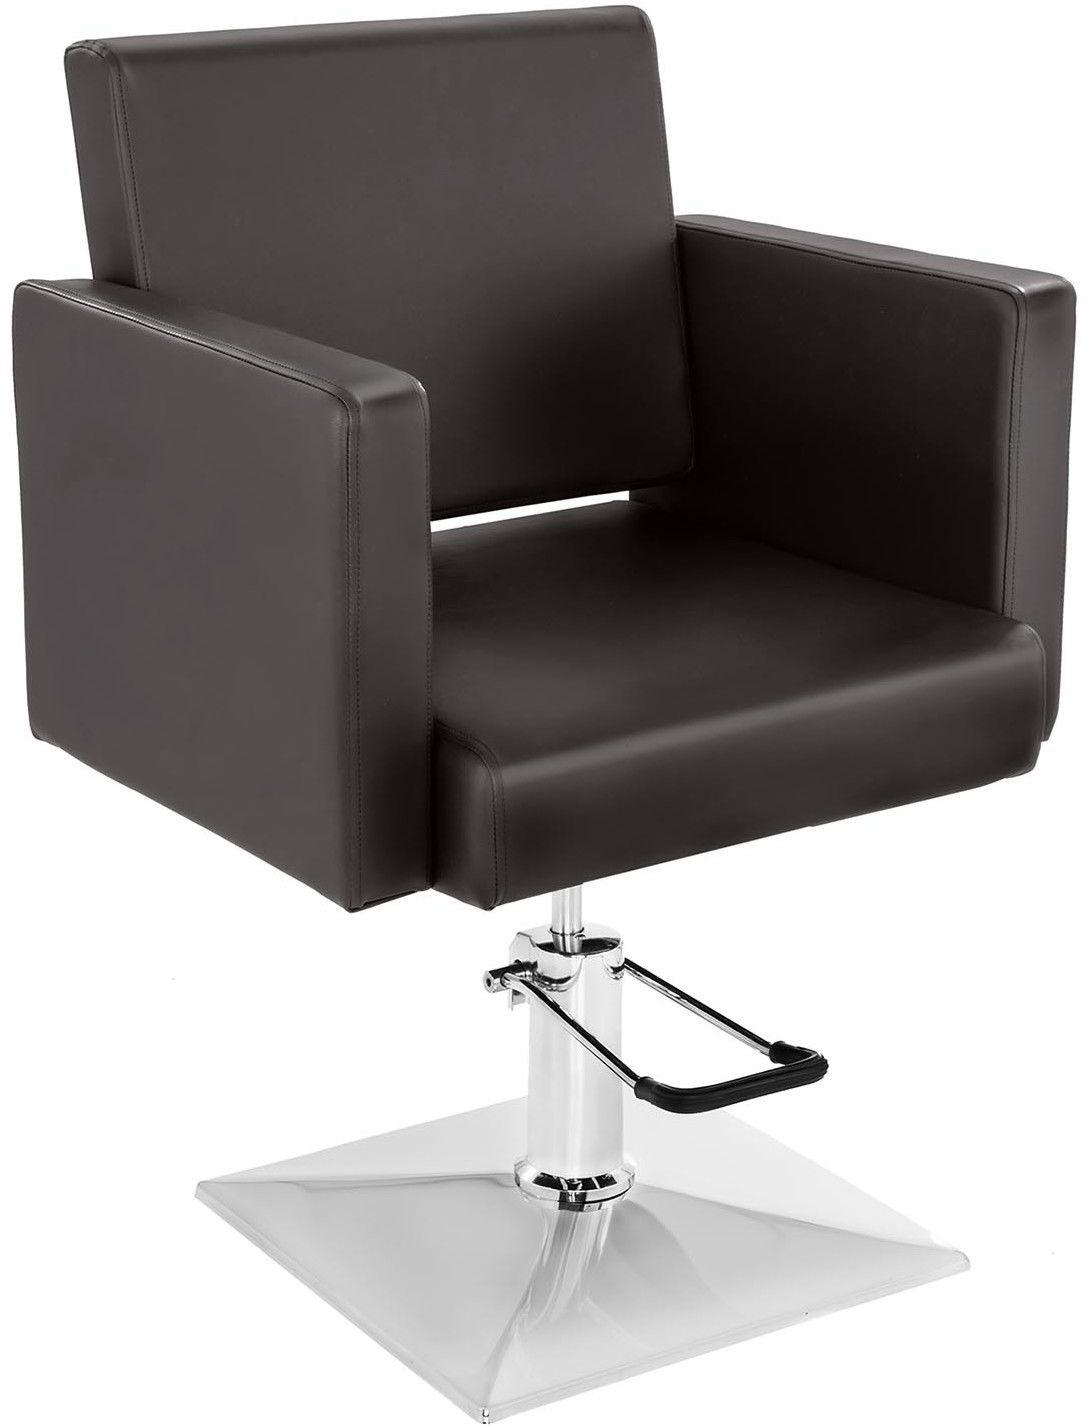 Komplet Fotel fryzjerski Physa Bedford brązowy + Podnóżek ze stali nierdzewnej - przykręcany - BEDFORD BROWN SET - 3 LATA GWARANCJI / WYSYŁKA W 24H ZA